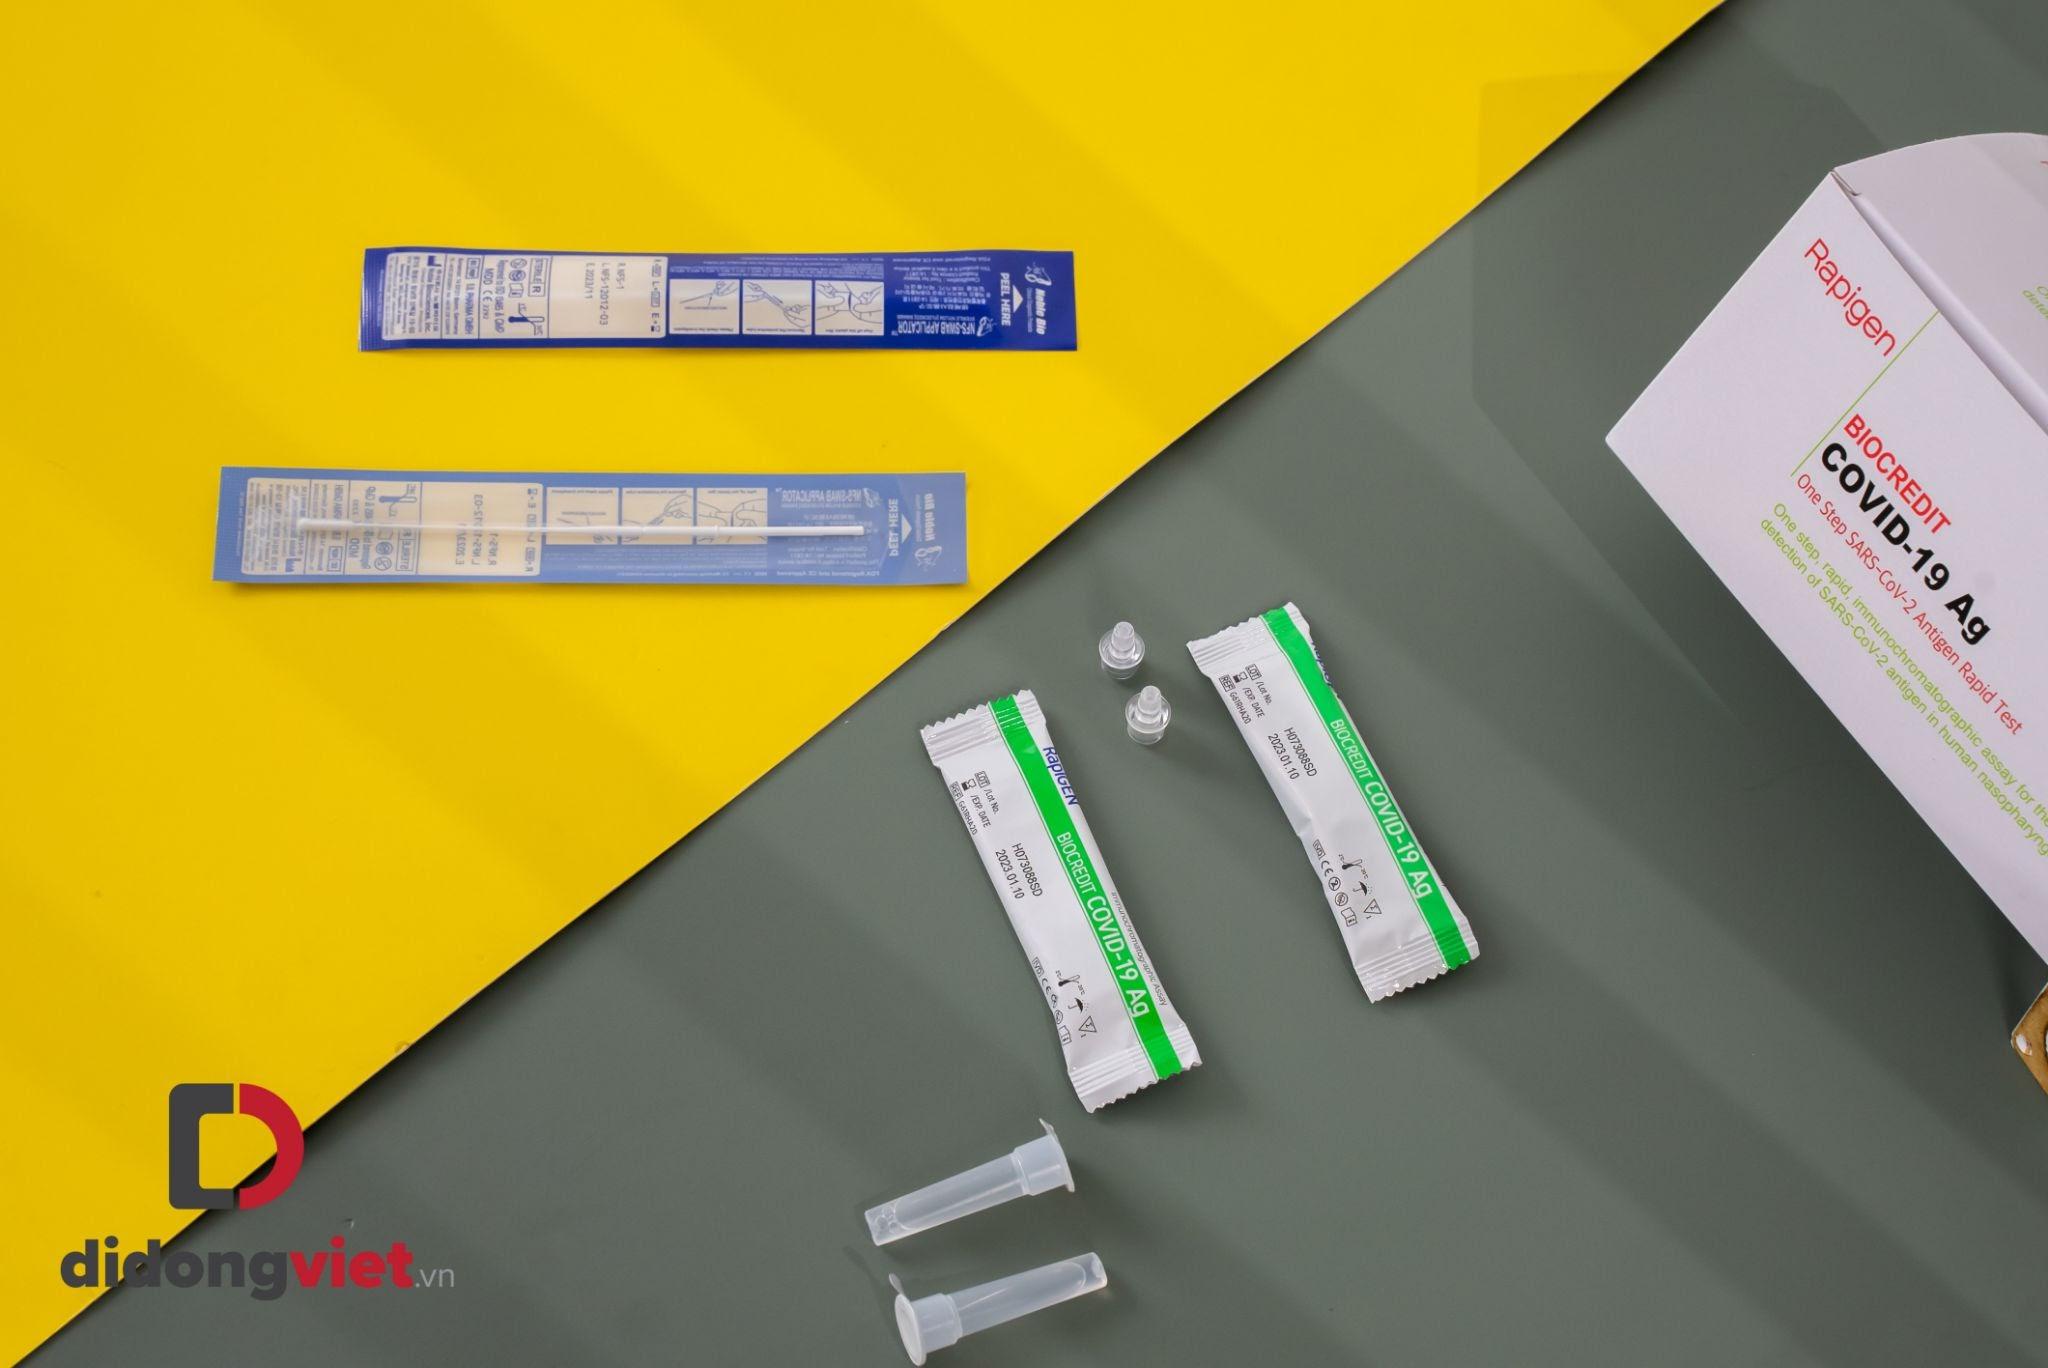 Những thiết bị y tế cần thiết để theo dõi sức khỏe cho mọi nhà 14